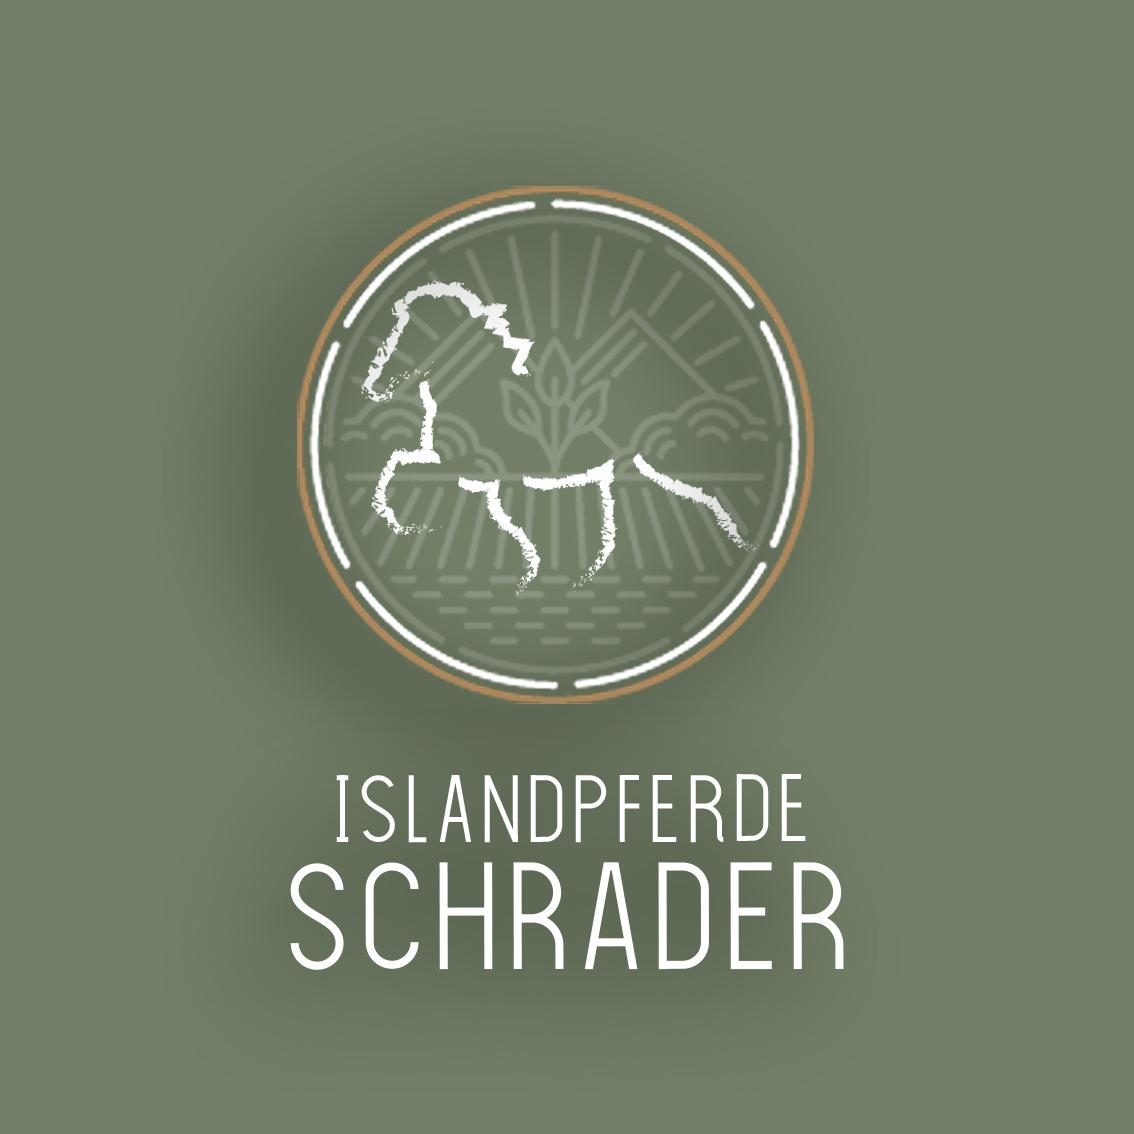 Islandpferde-Schrader-instagram-7